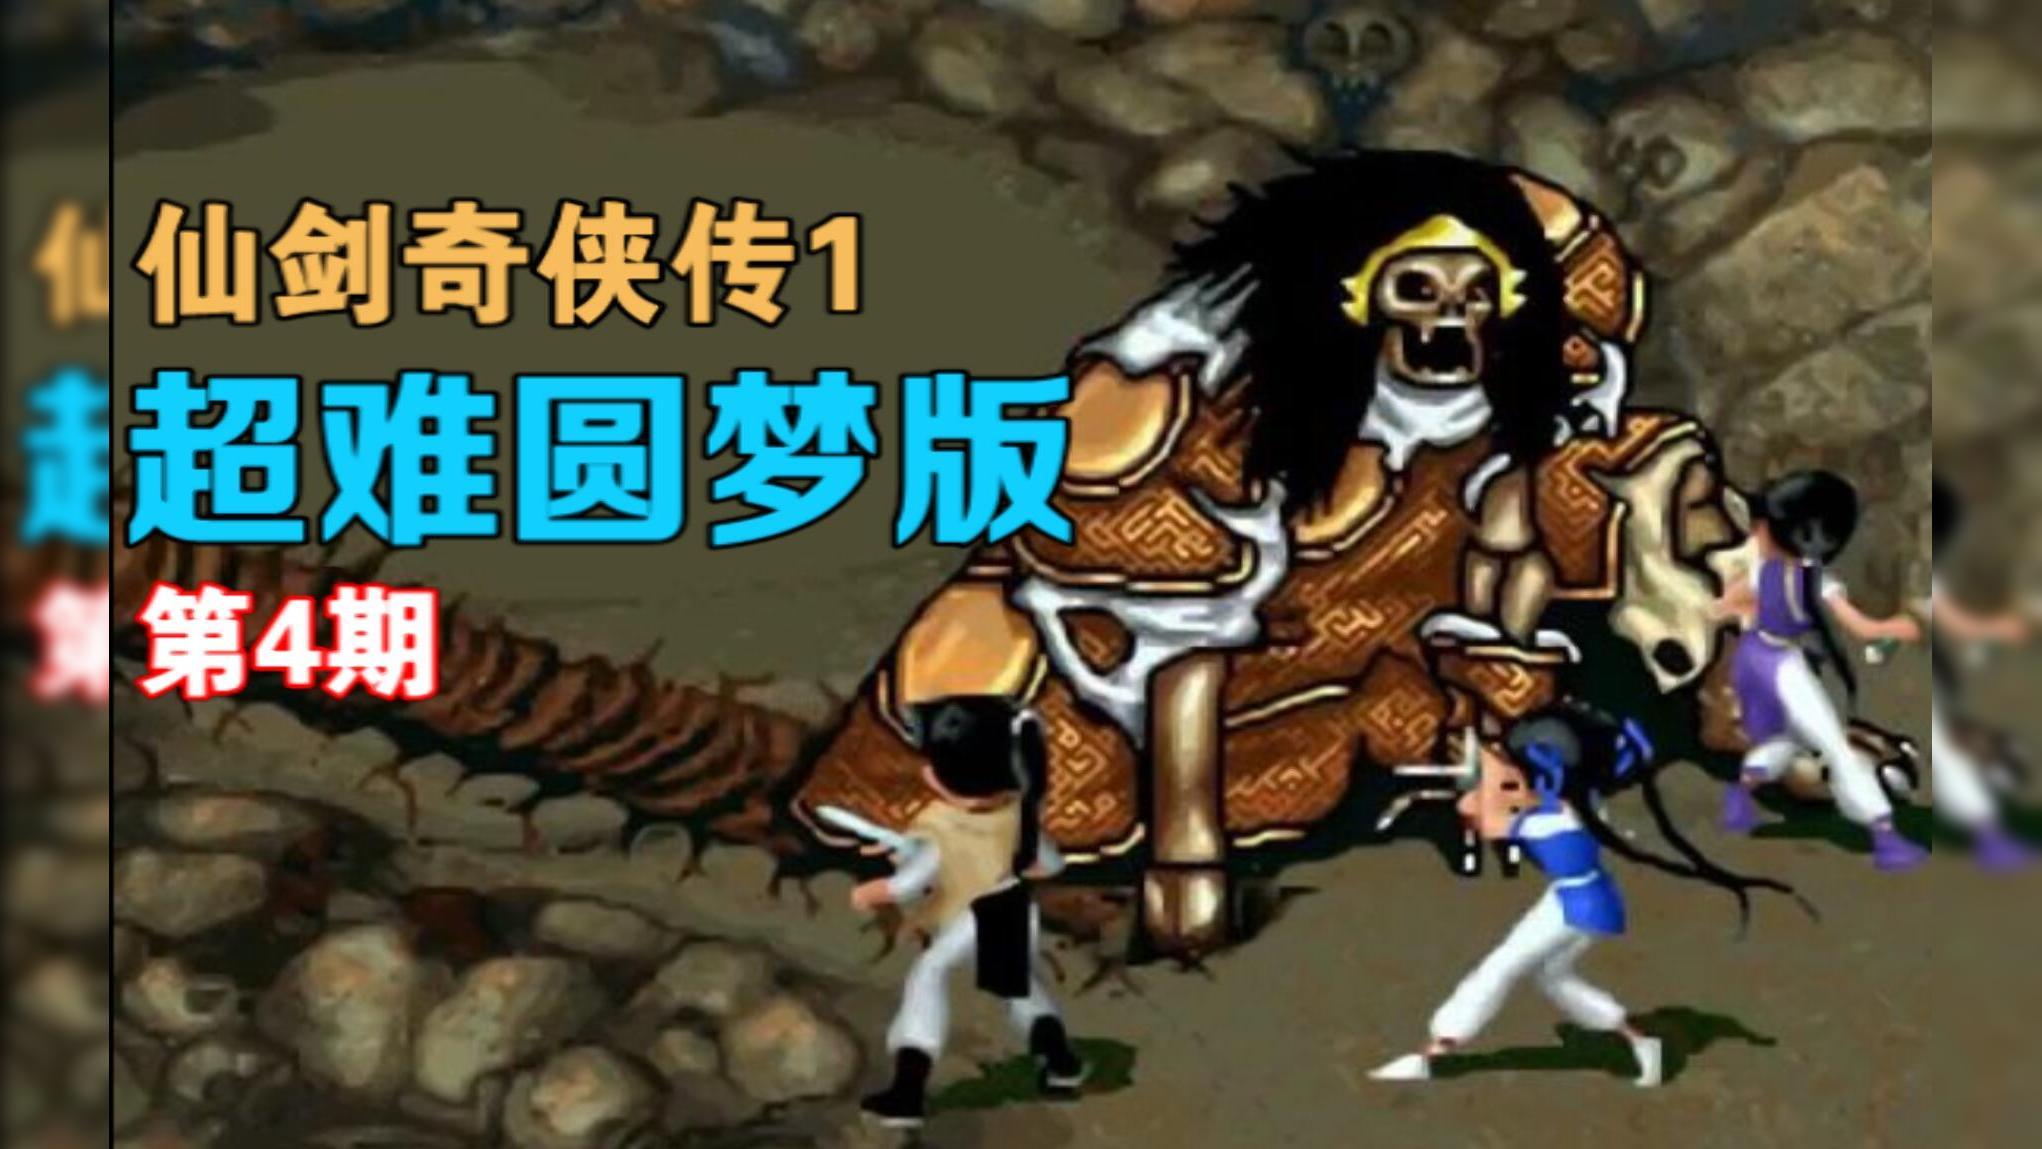 仙剑奇侠传1超难圆梦版 第4期